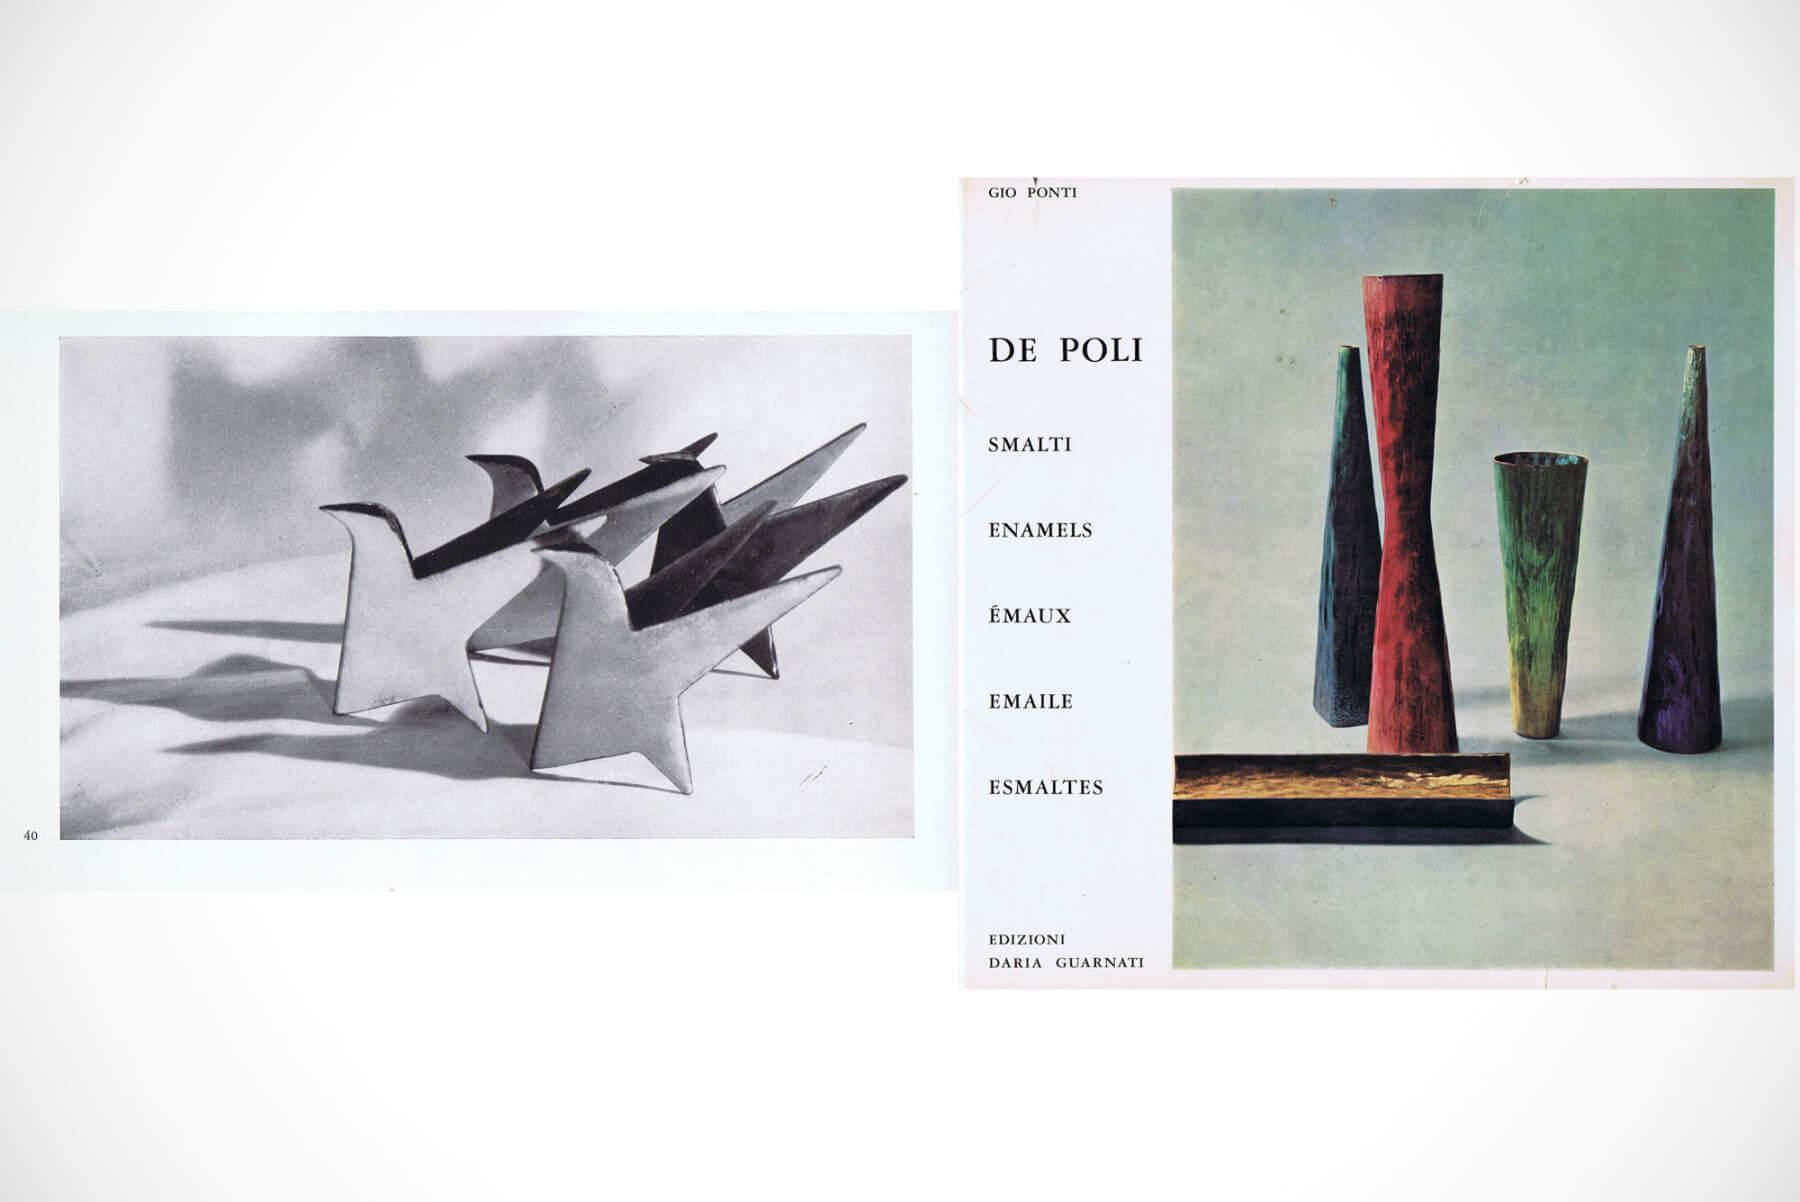 Gio Ponti and Paolo de Poli |   Uccello - (bird)